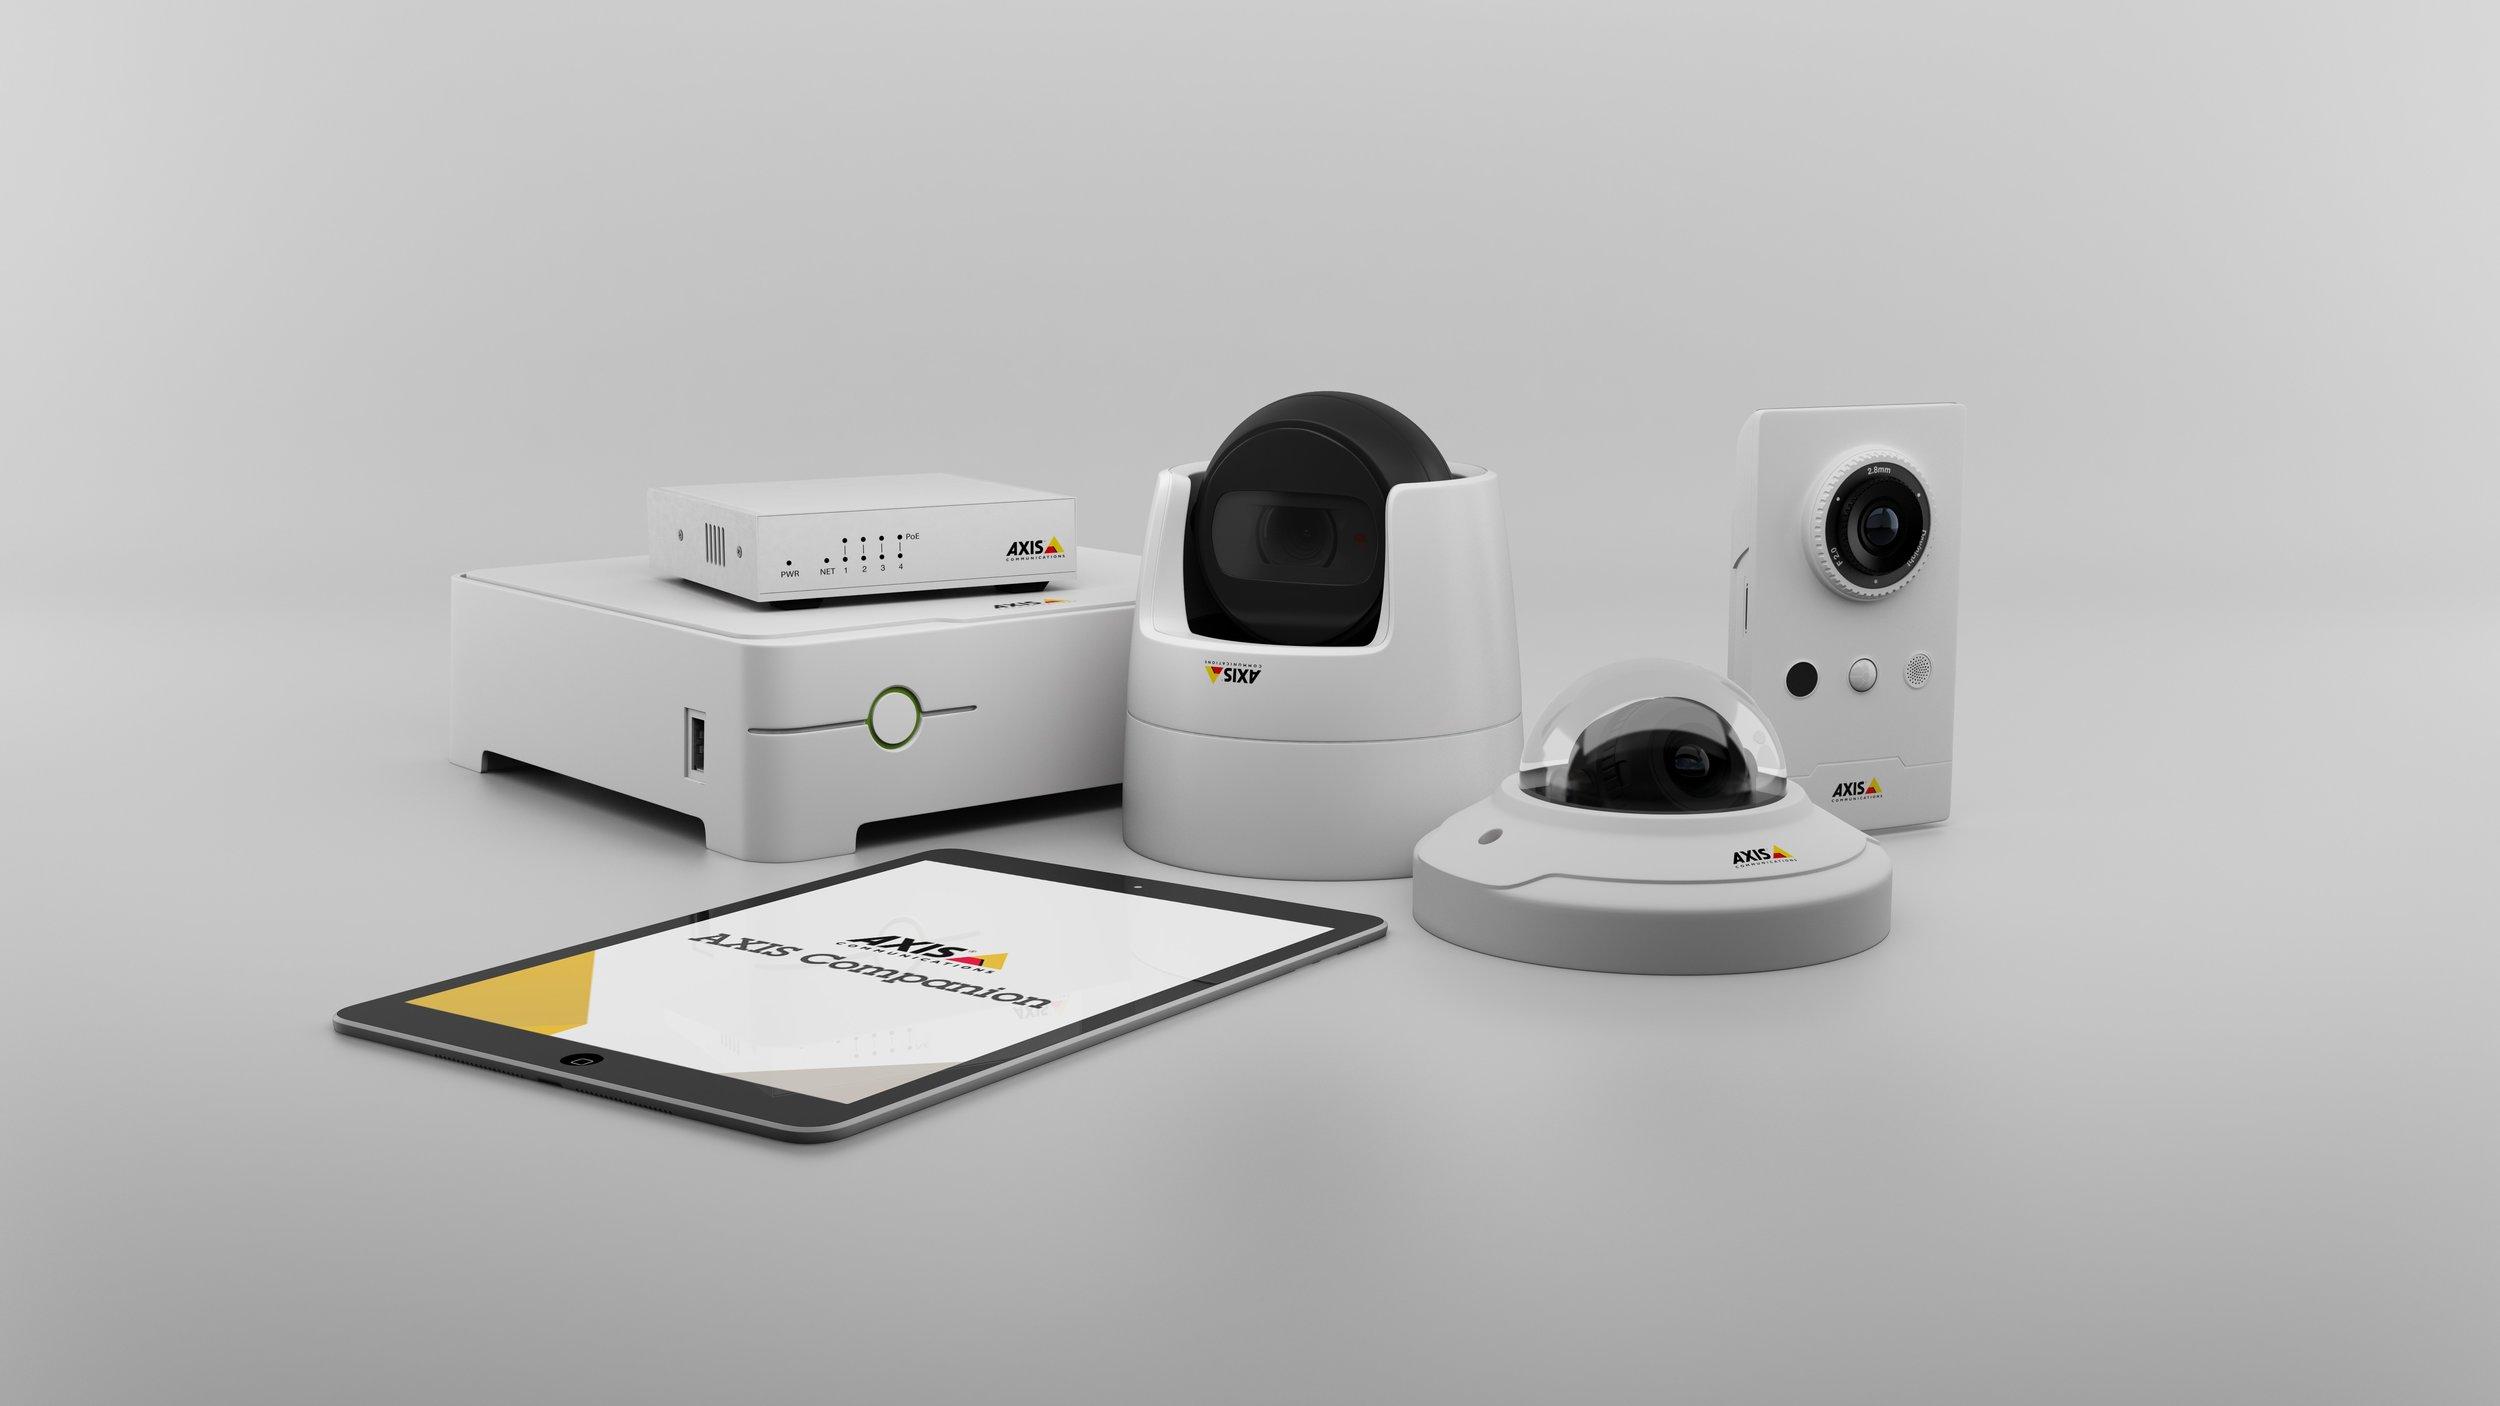 Vidéosurveillance en toute simplicité - Sécurisez vos activités avec une solution de vidéosurveillance facile à utiliser. Avec AXIS Companion, vous pouvez surveiller l'ensemble de vos locaux, aussi bien en local qu'à distance. De par la souplesse et ses options, vous disposez d'une solution d'une grande fiabilité, prête à évoluer en fonction de vos besoins.